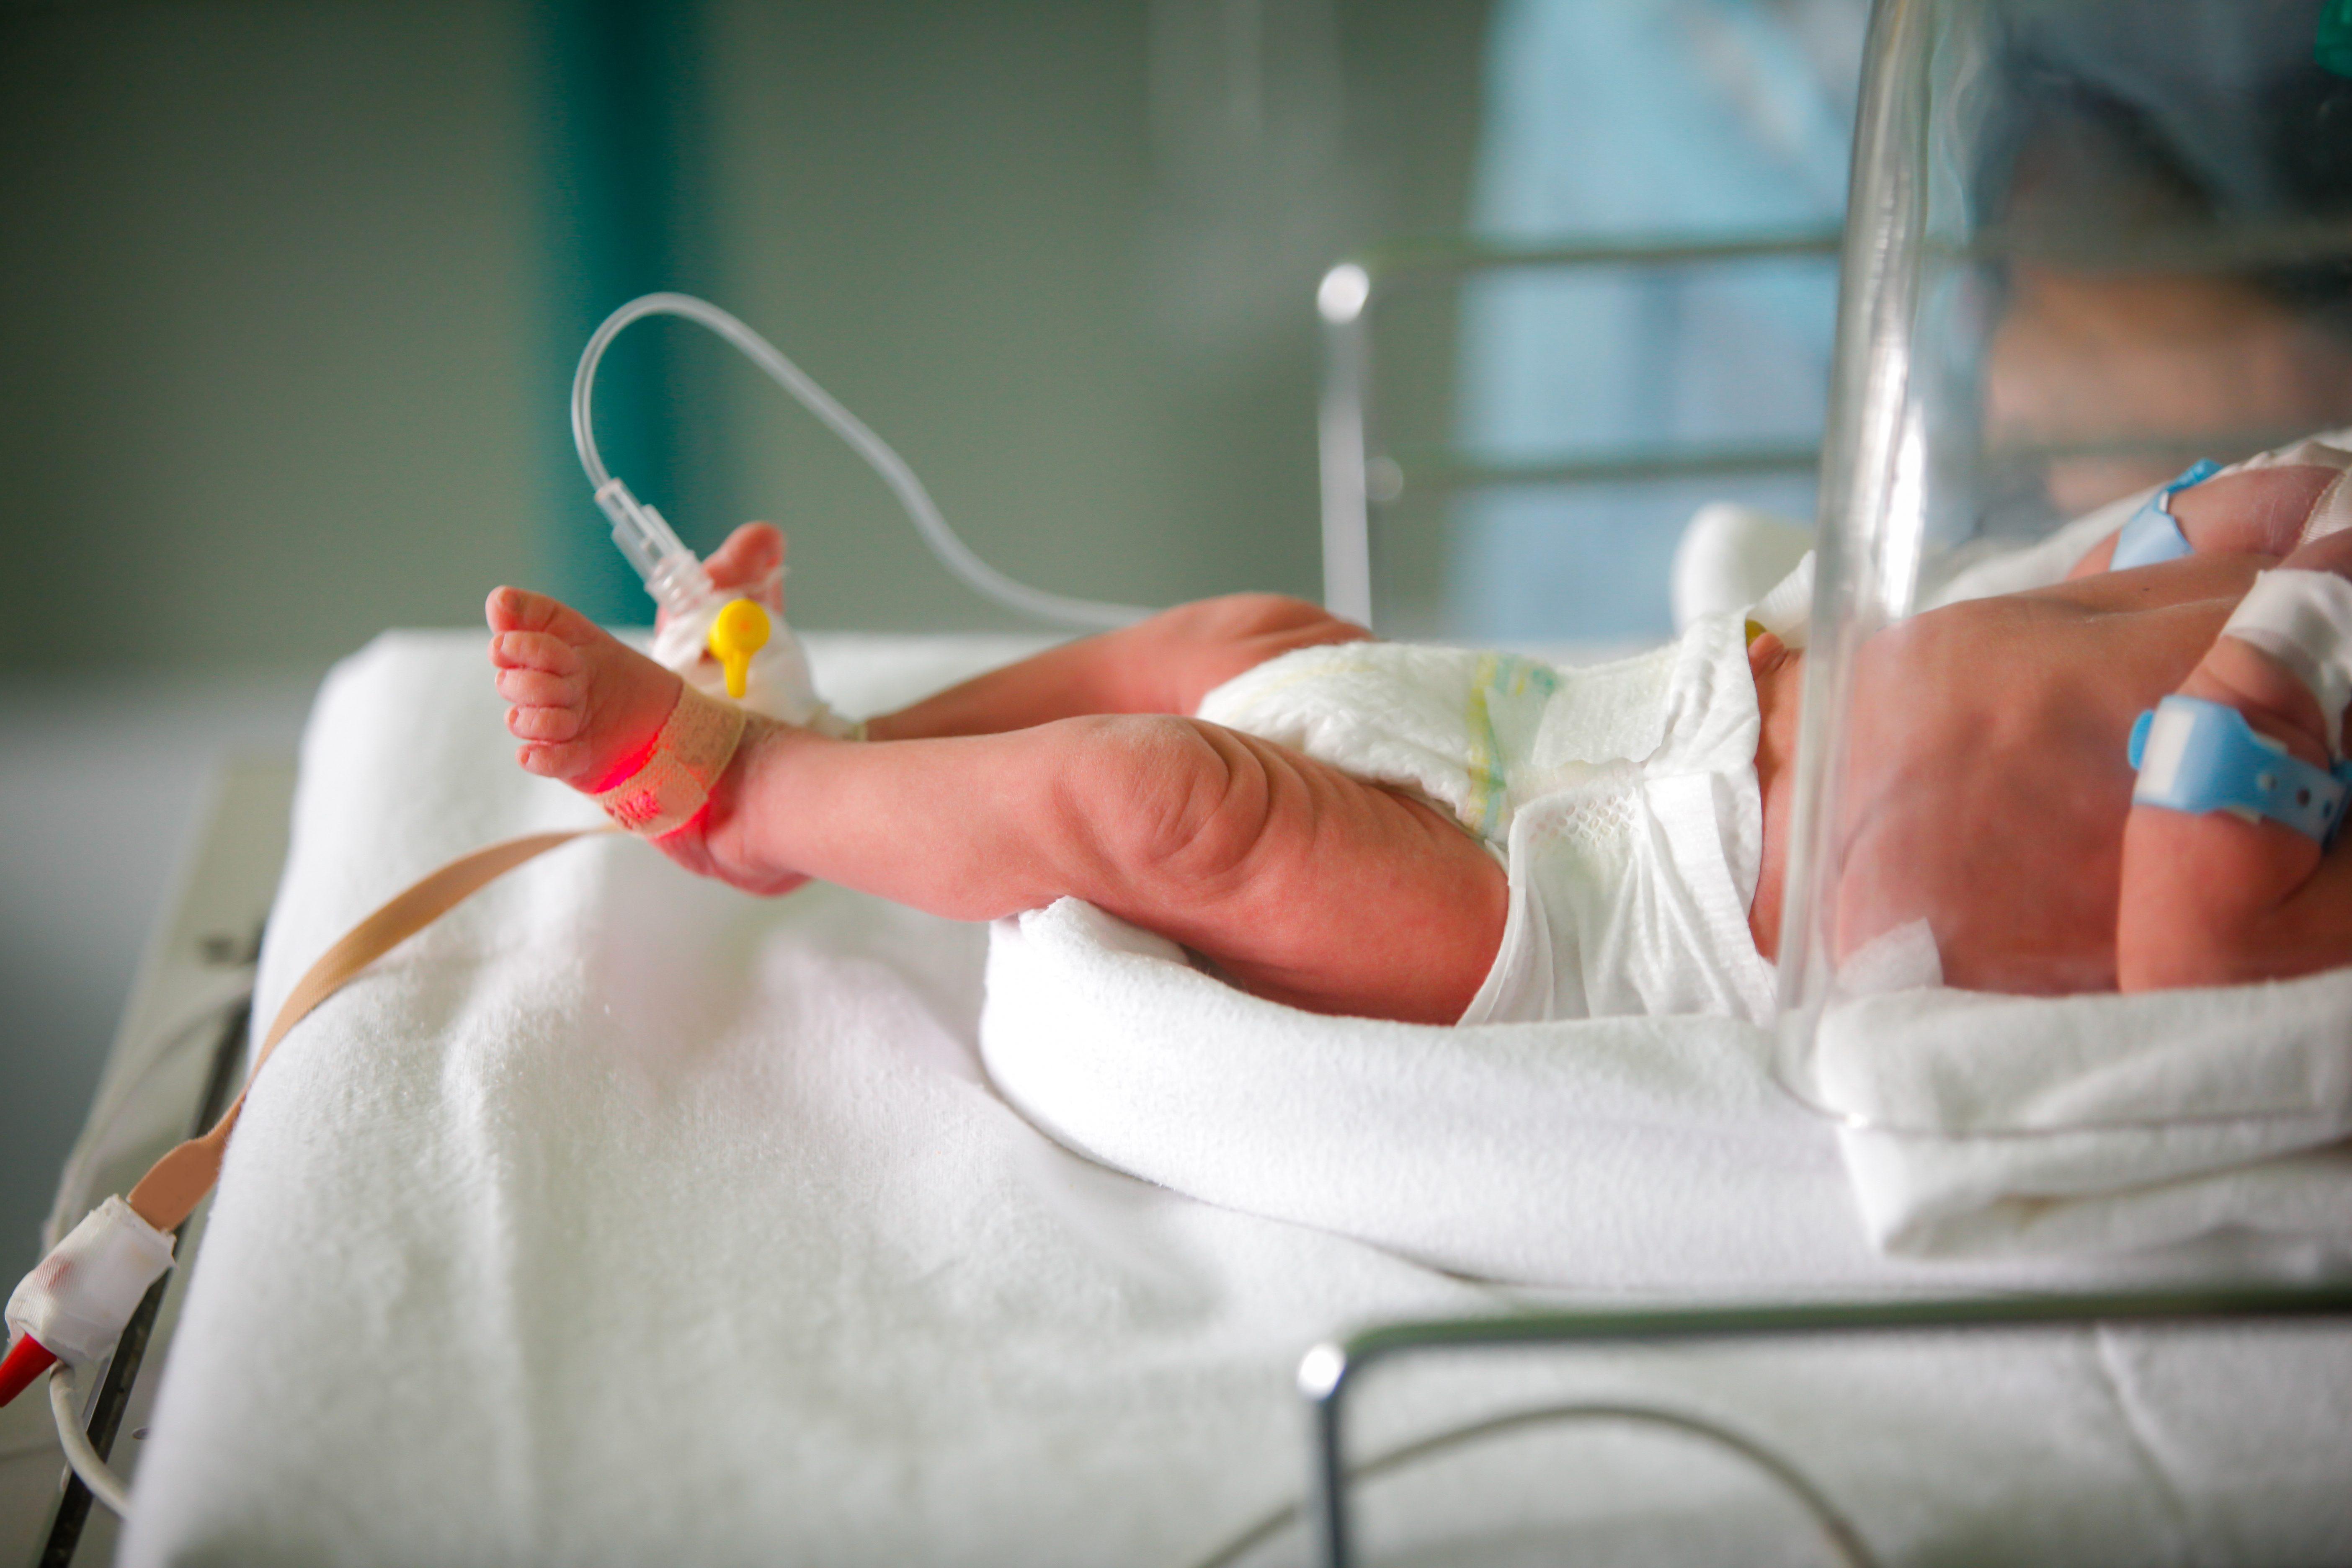 Roma, neonata rischia di soffocare: carabiniere fuori servizio la ...